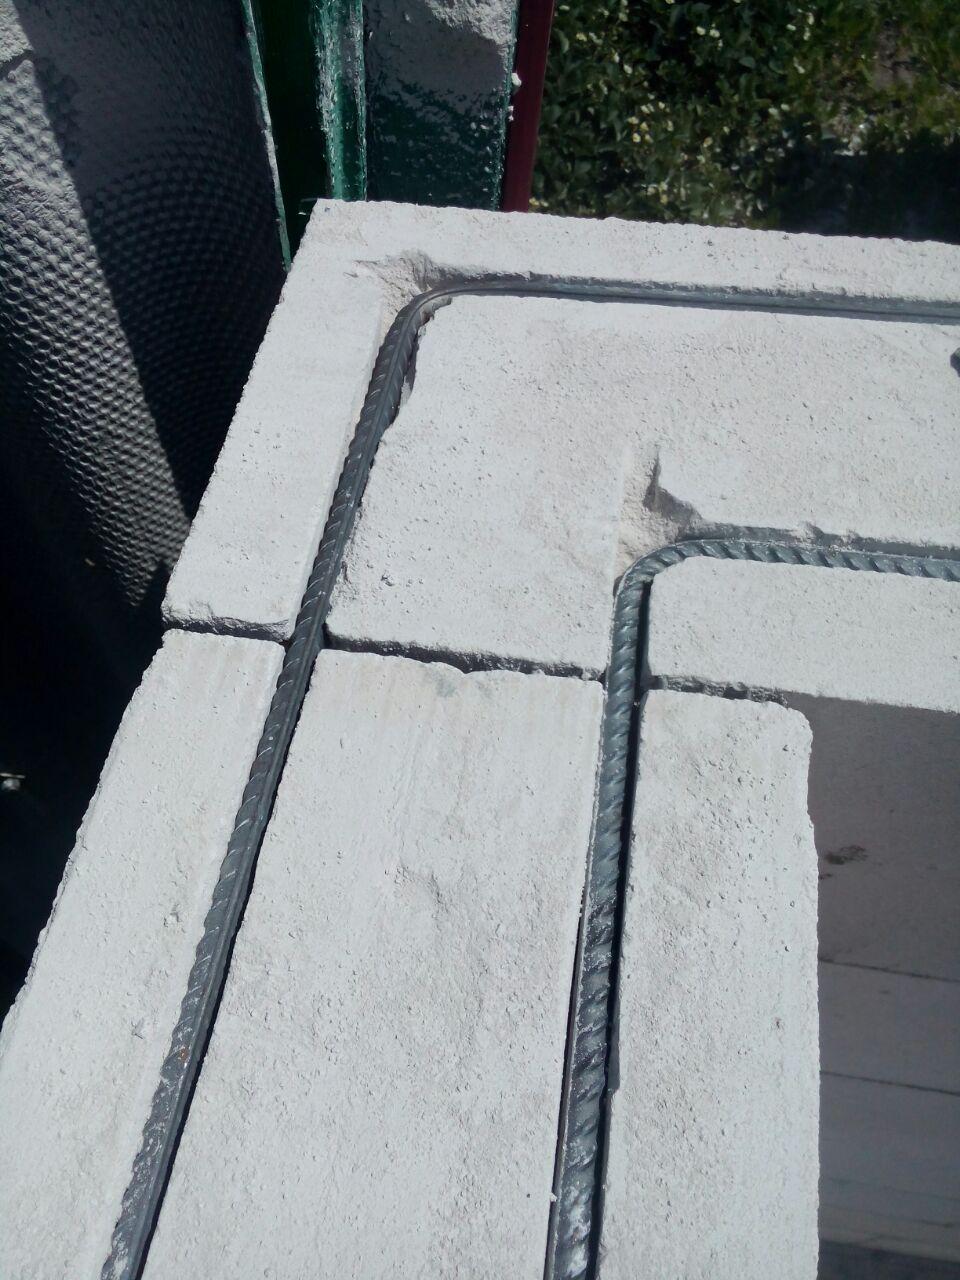 Каменщики в Кропоткине Гулькевичи; кладка газоблока и пеноблока